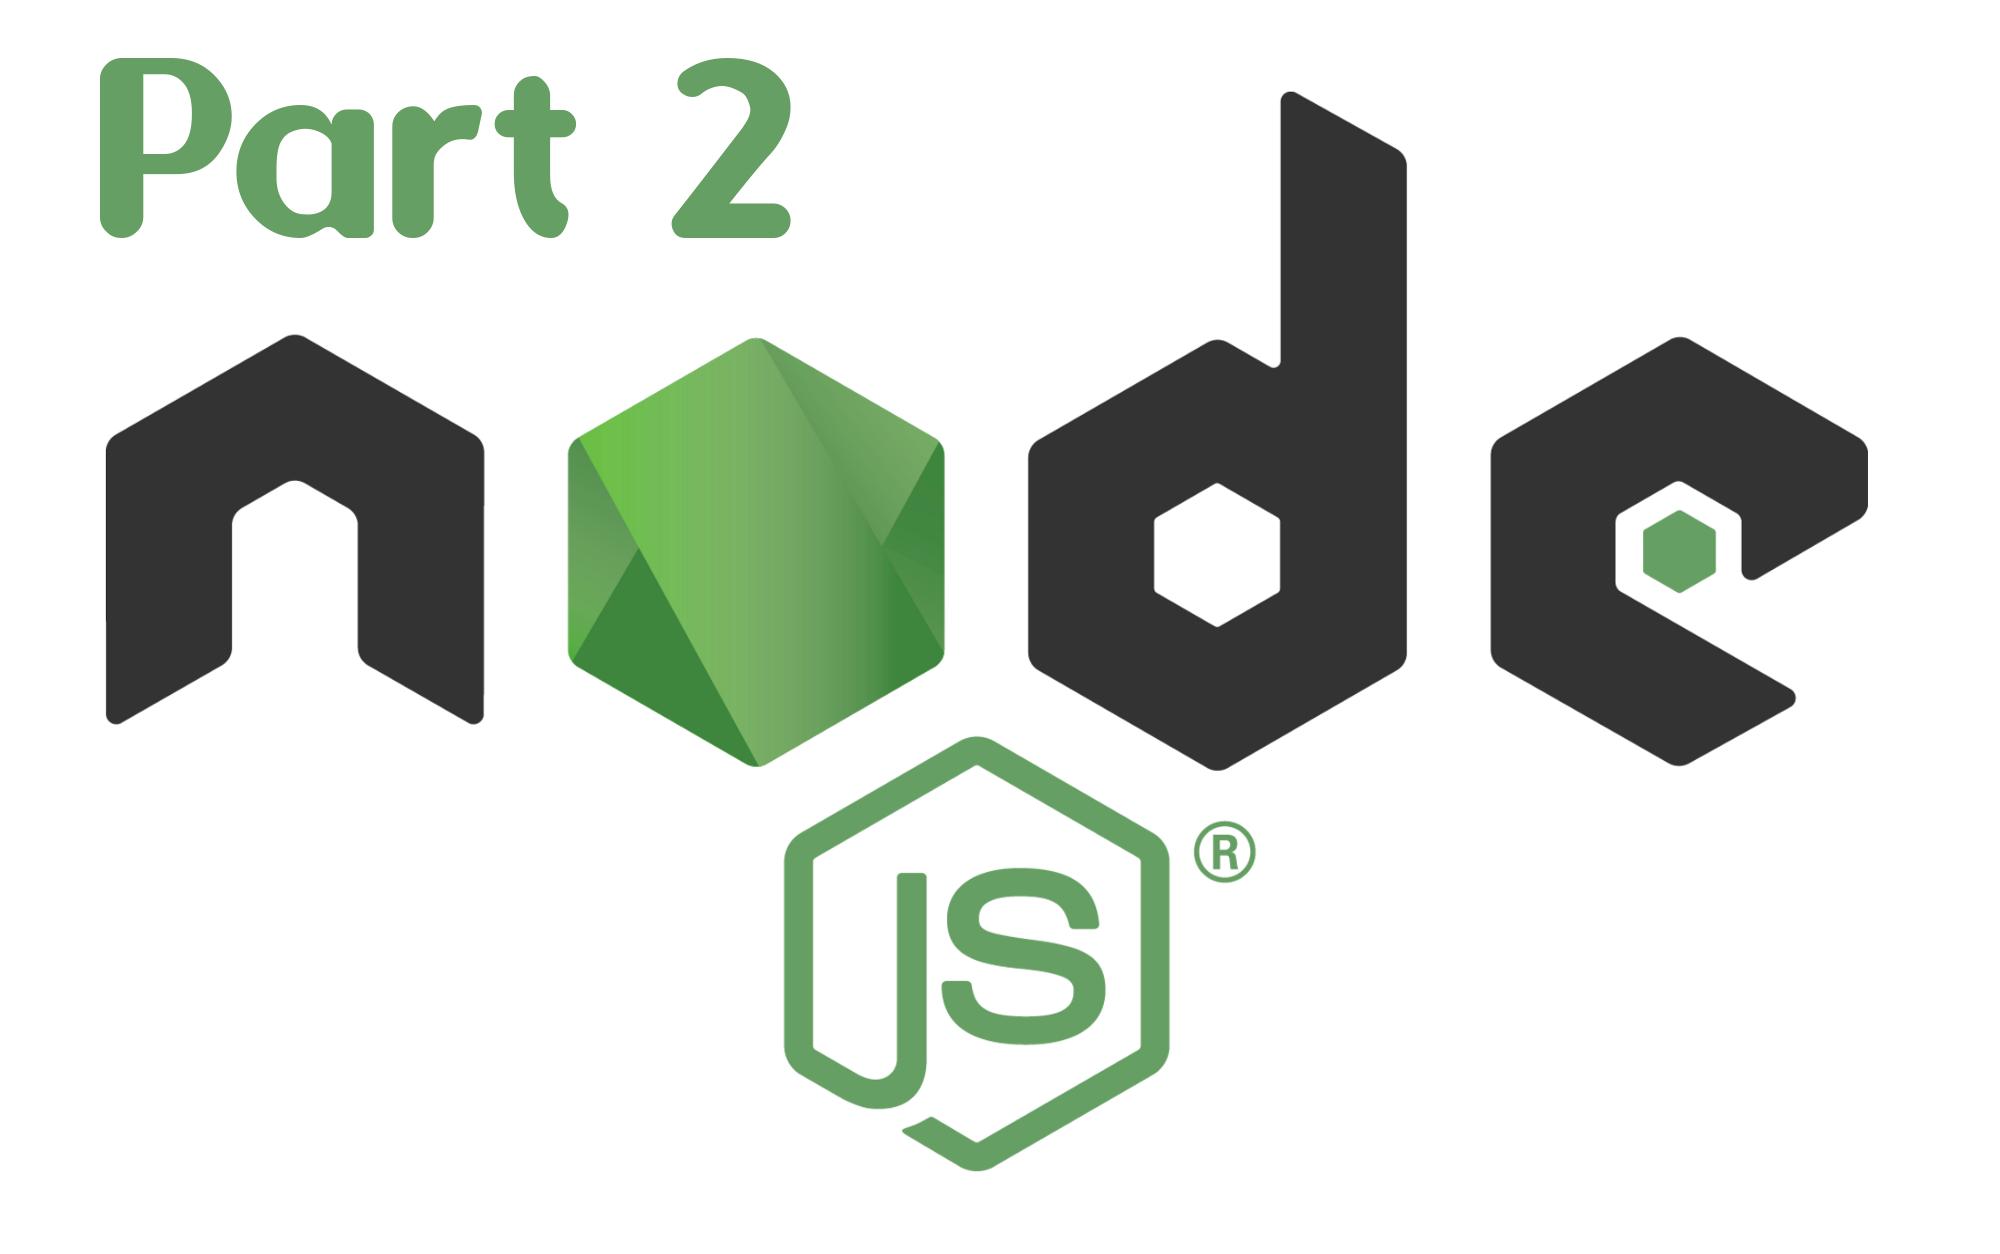 واقعا «Node.js» رو یاد داریم؟ - قسمت دوم - معماری نودجیاس